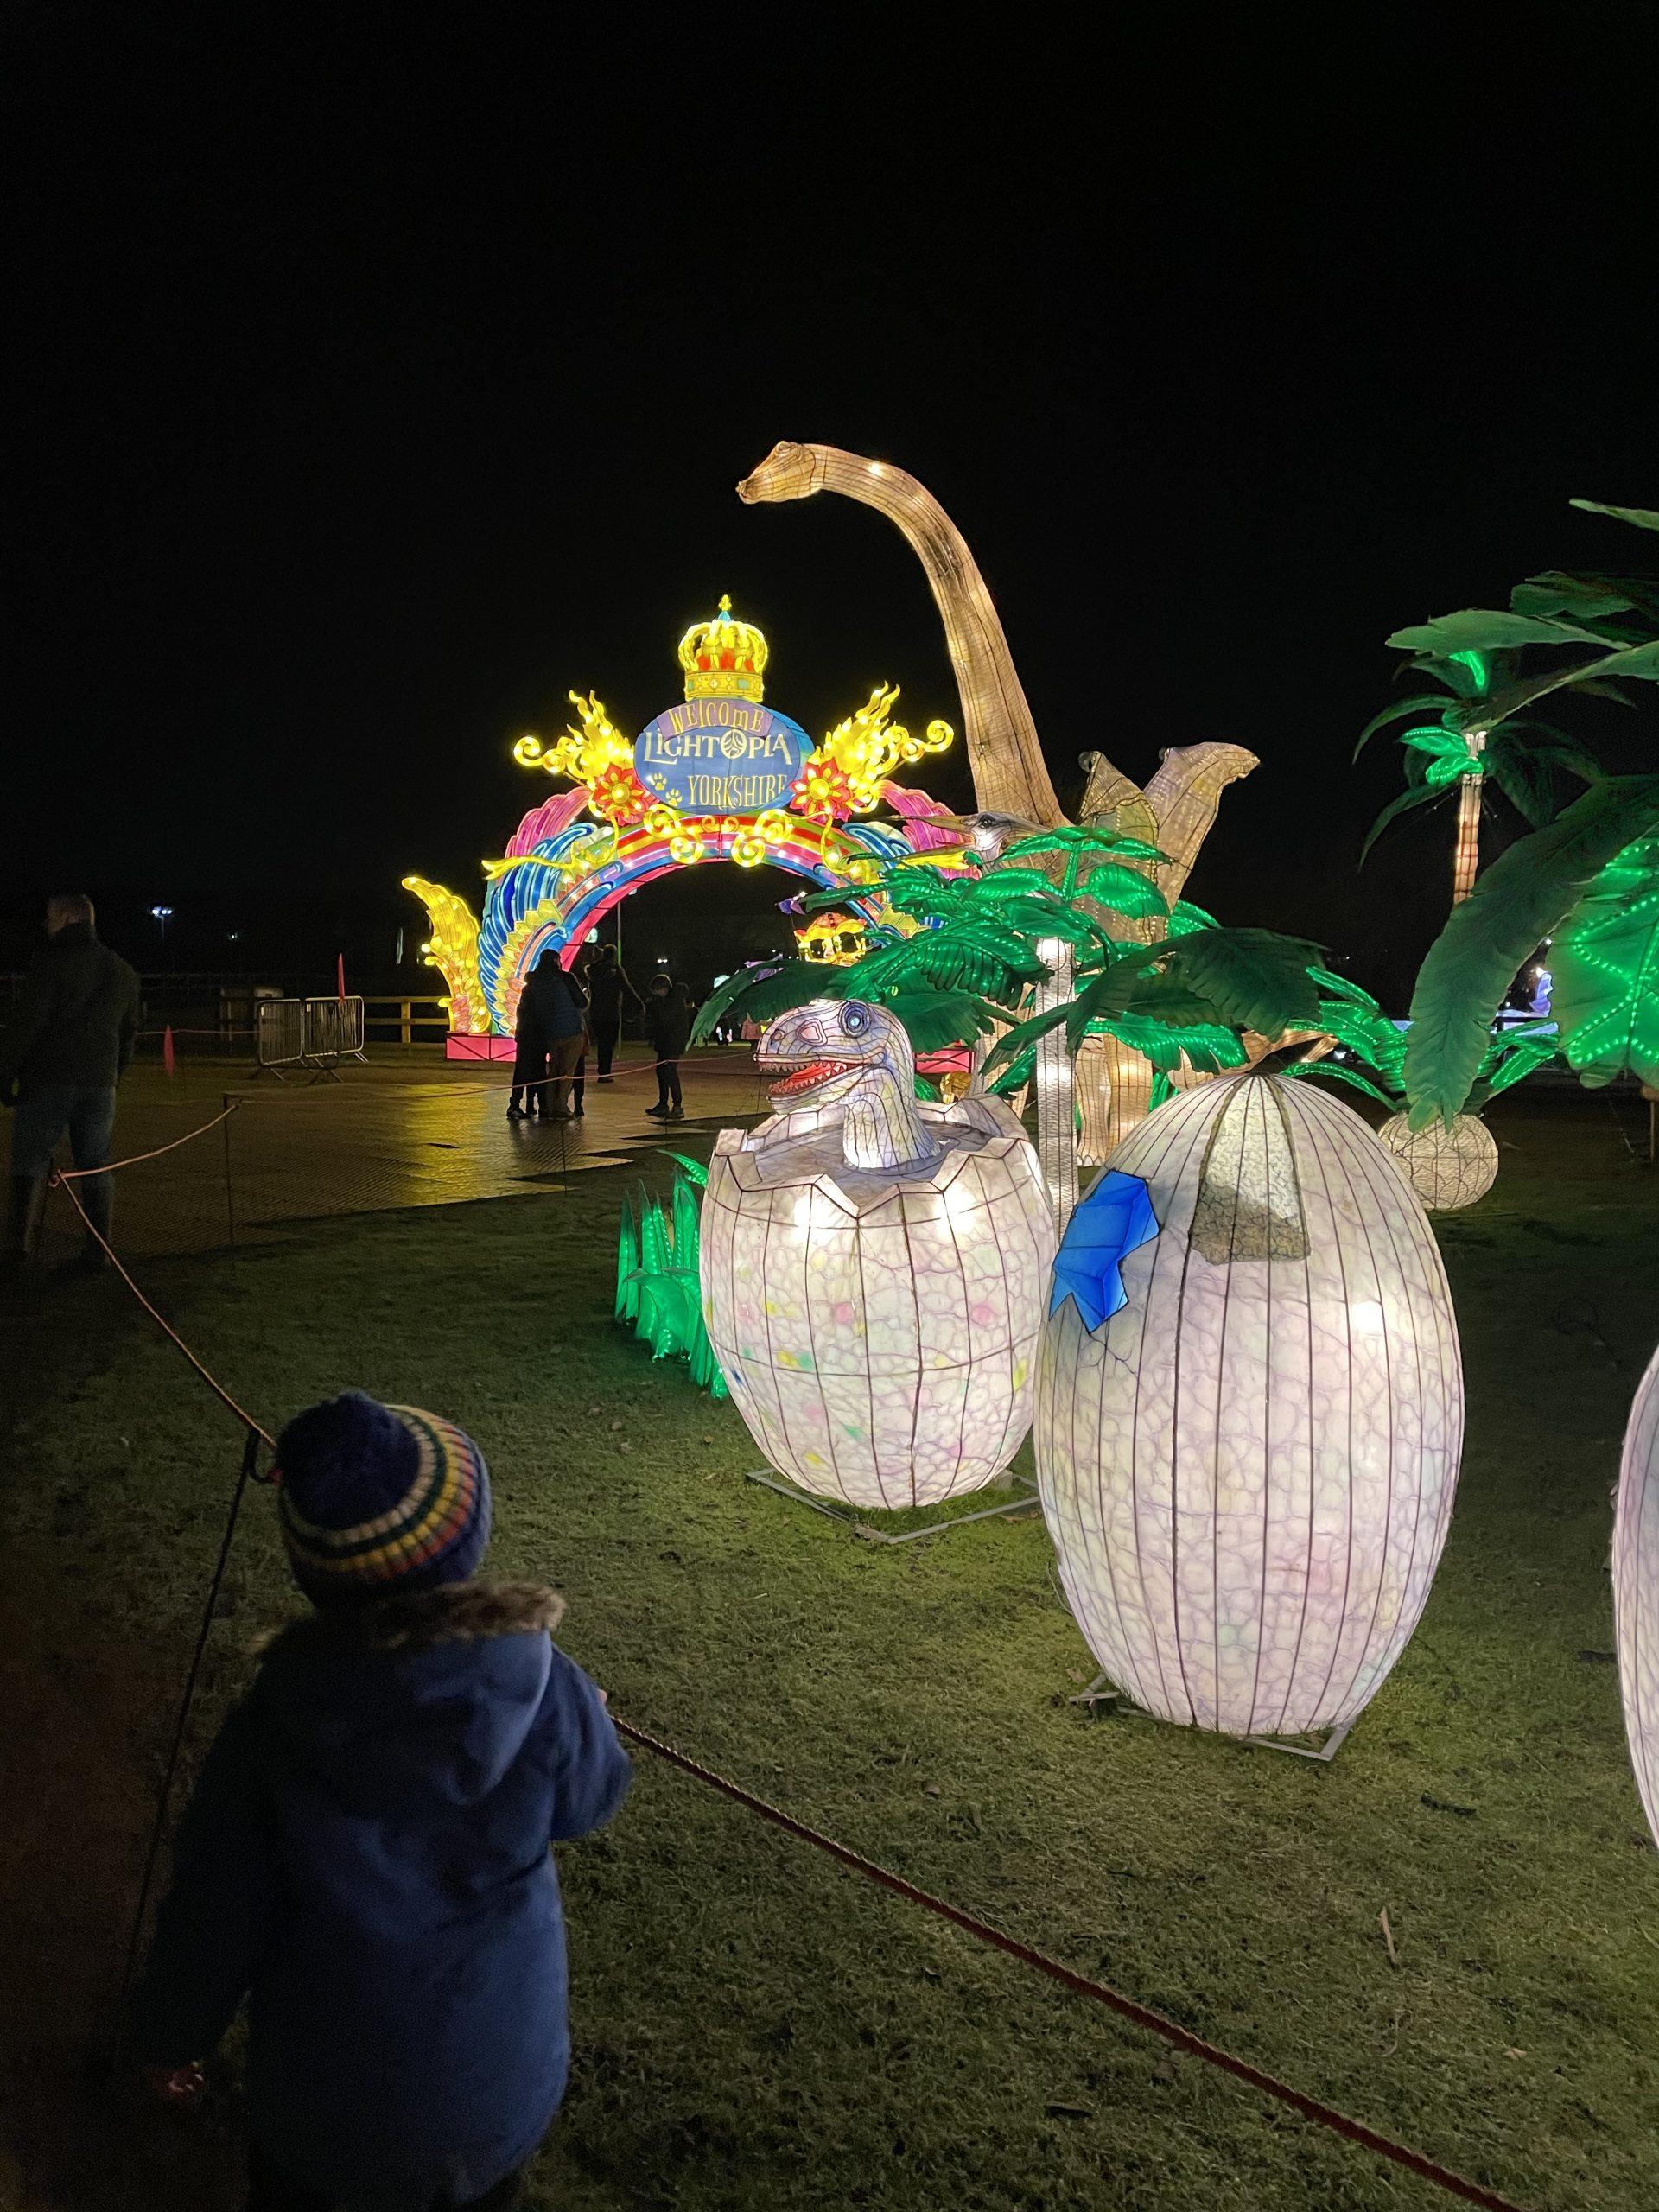 Lightopia event at the Wildlife Park